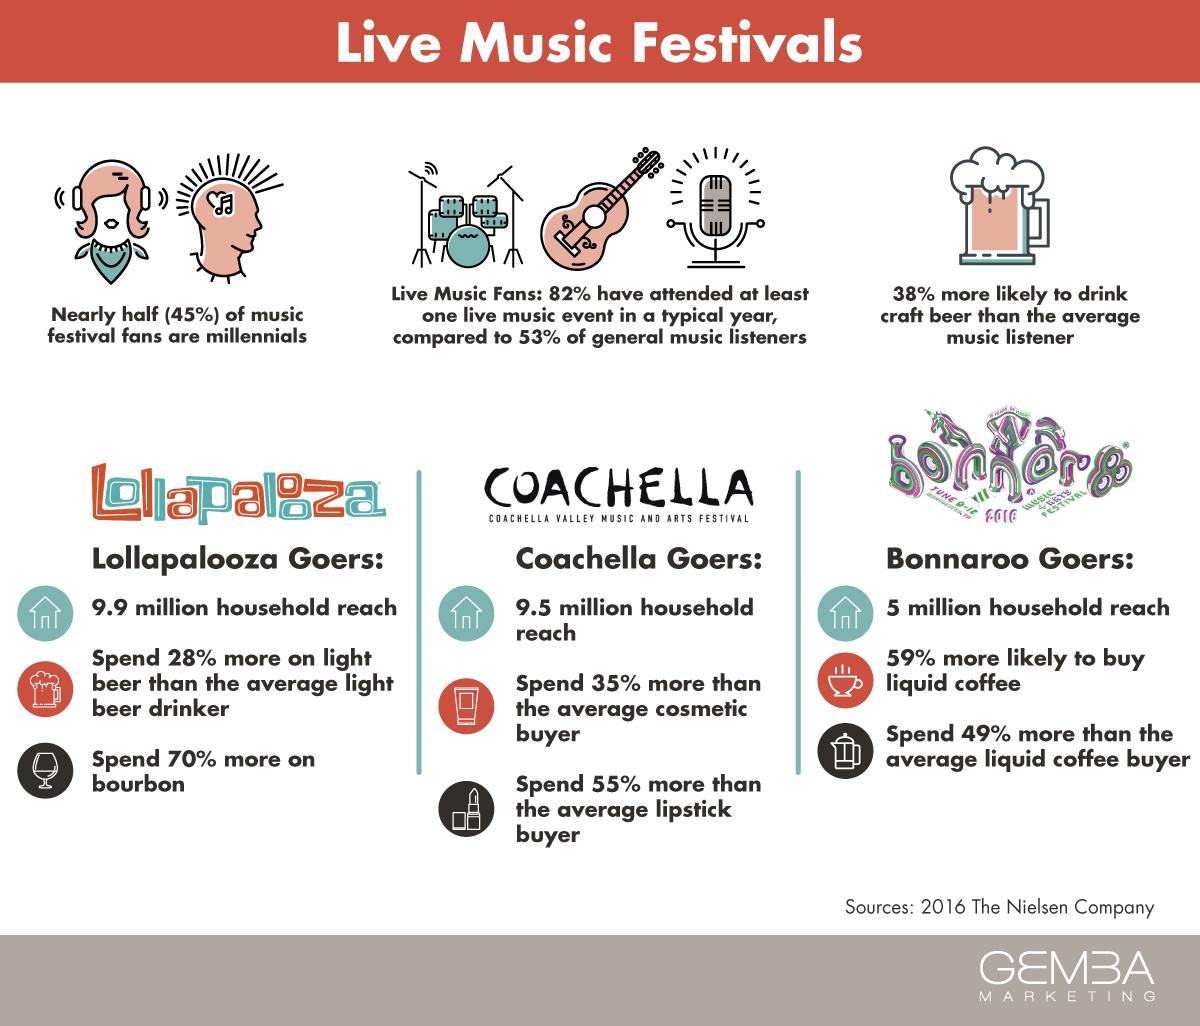 Musicfestivals